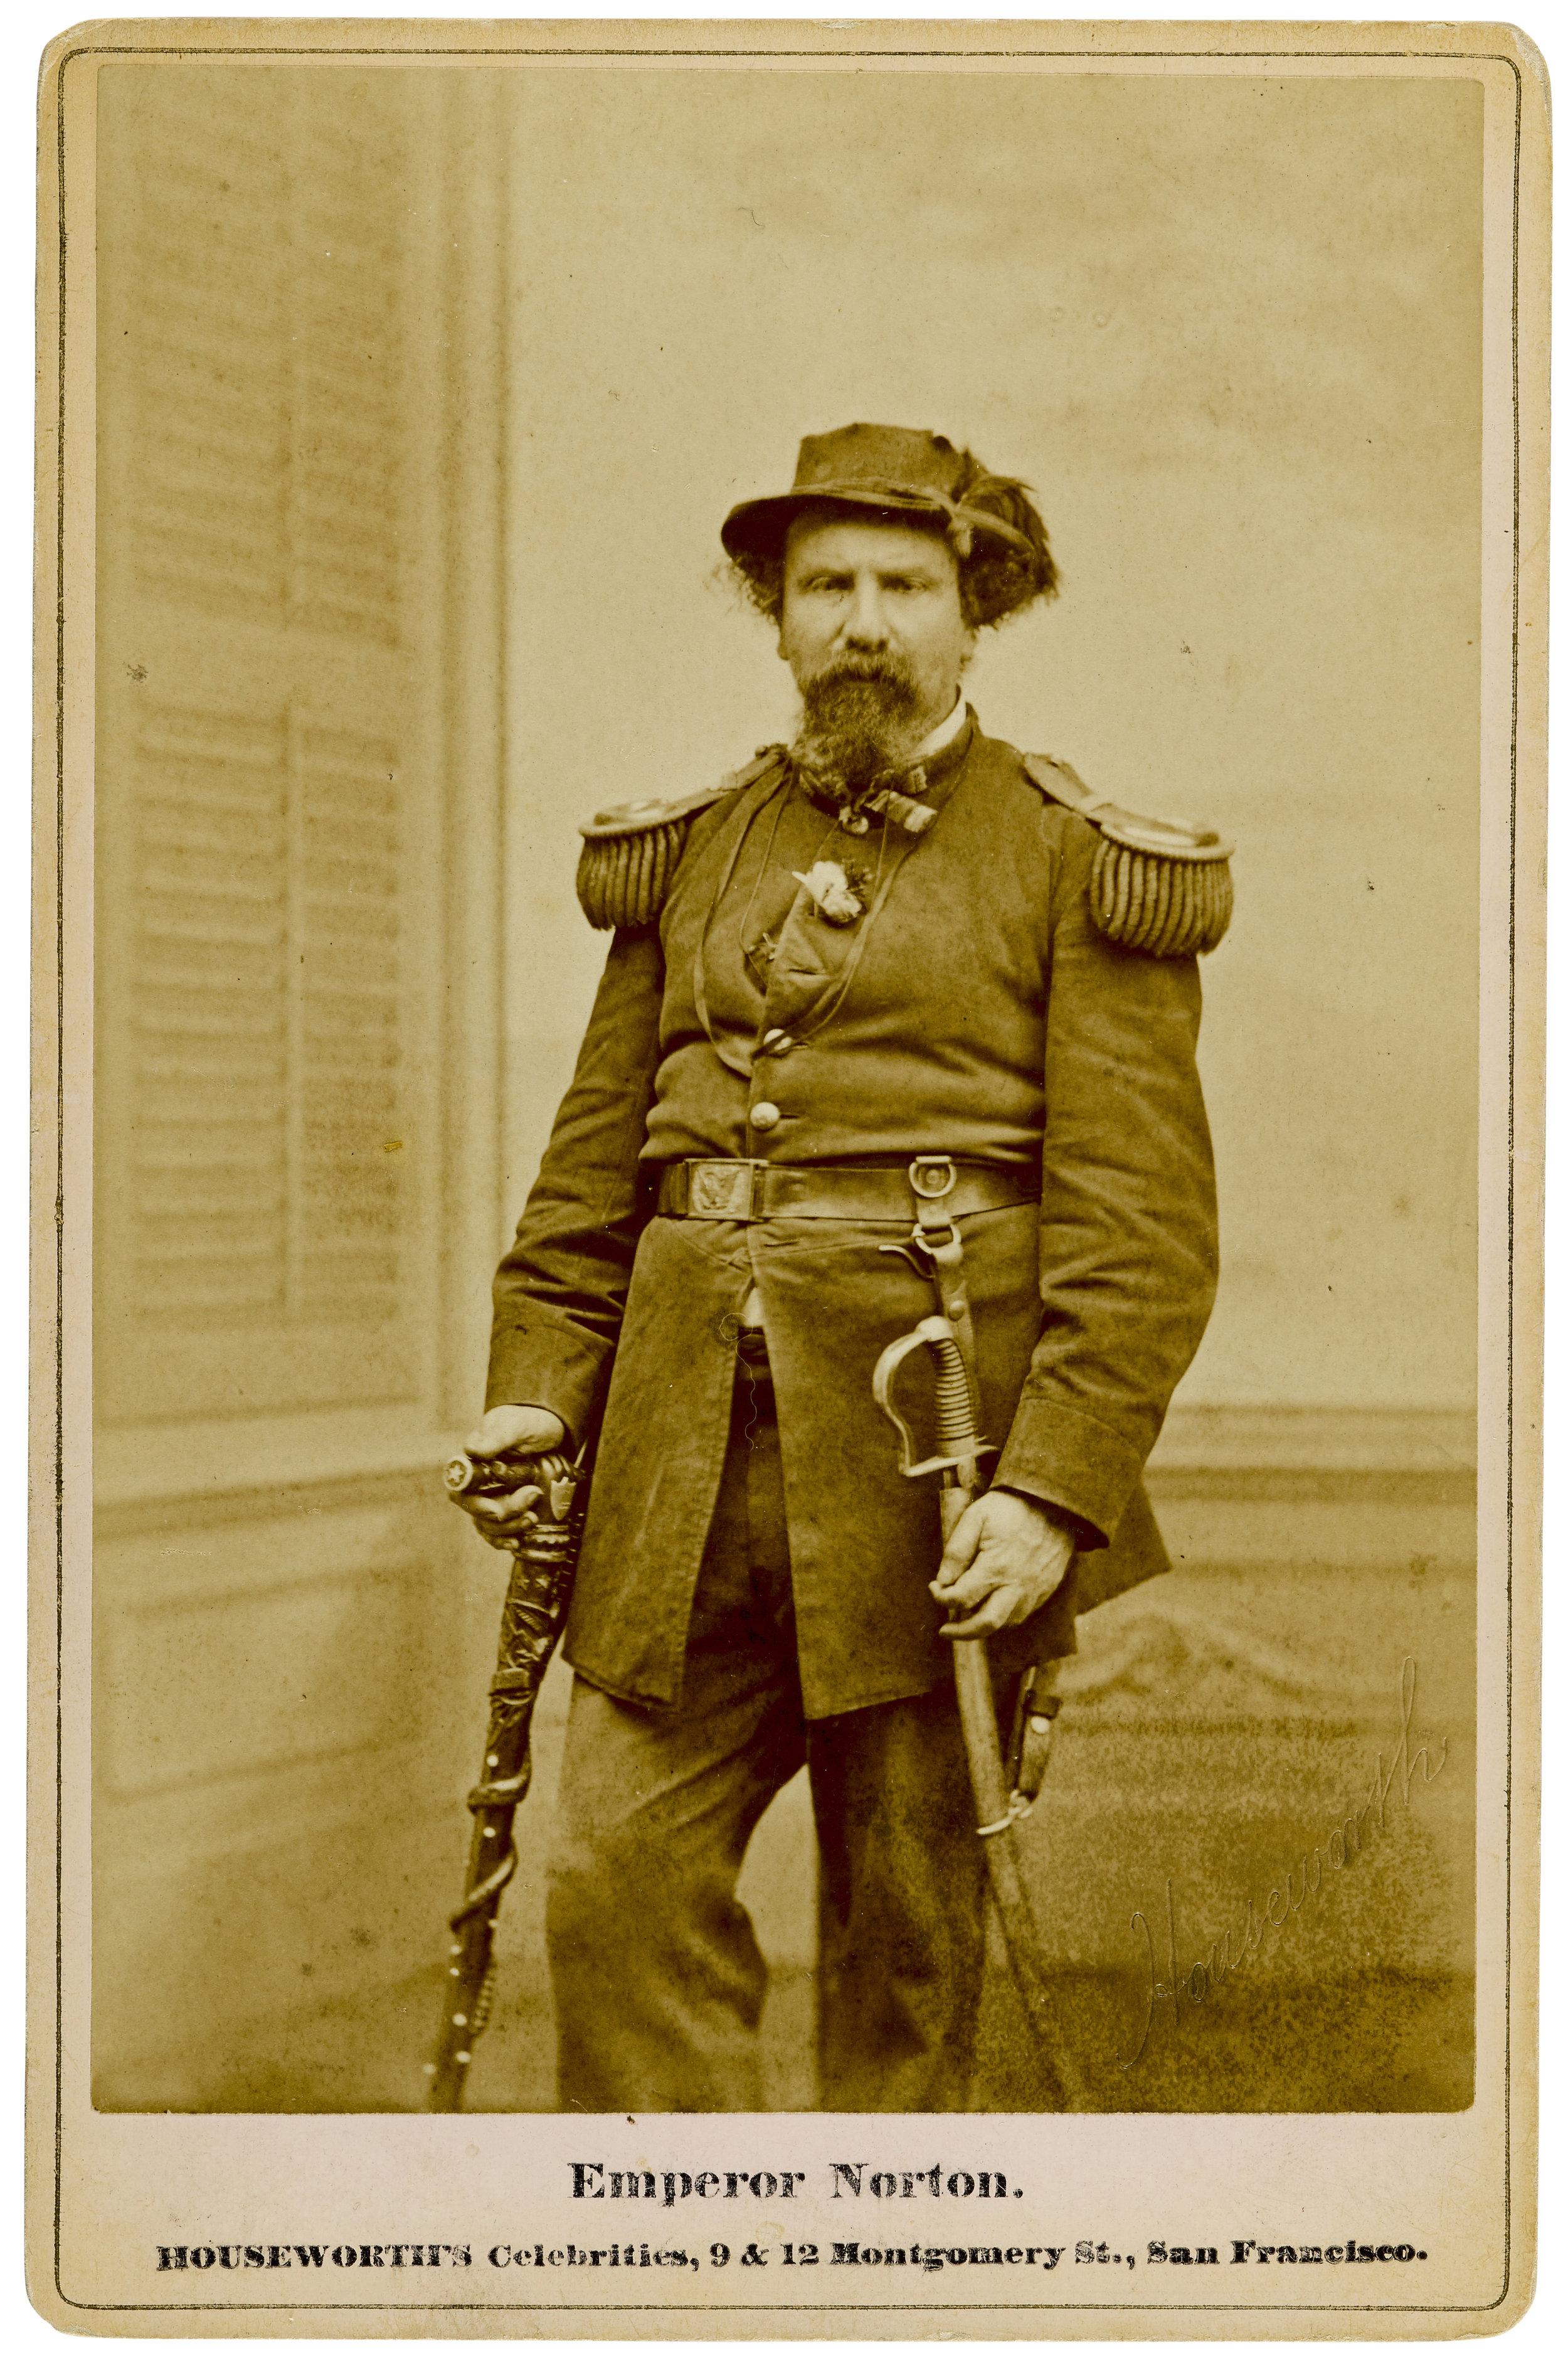 Emperor_Norton_cabinet_card_Houseworth_1874_a.jpg